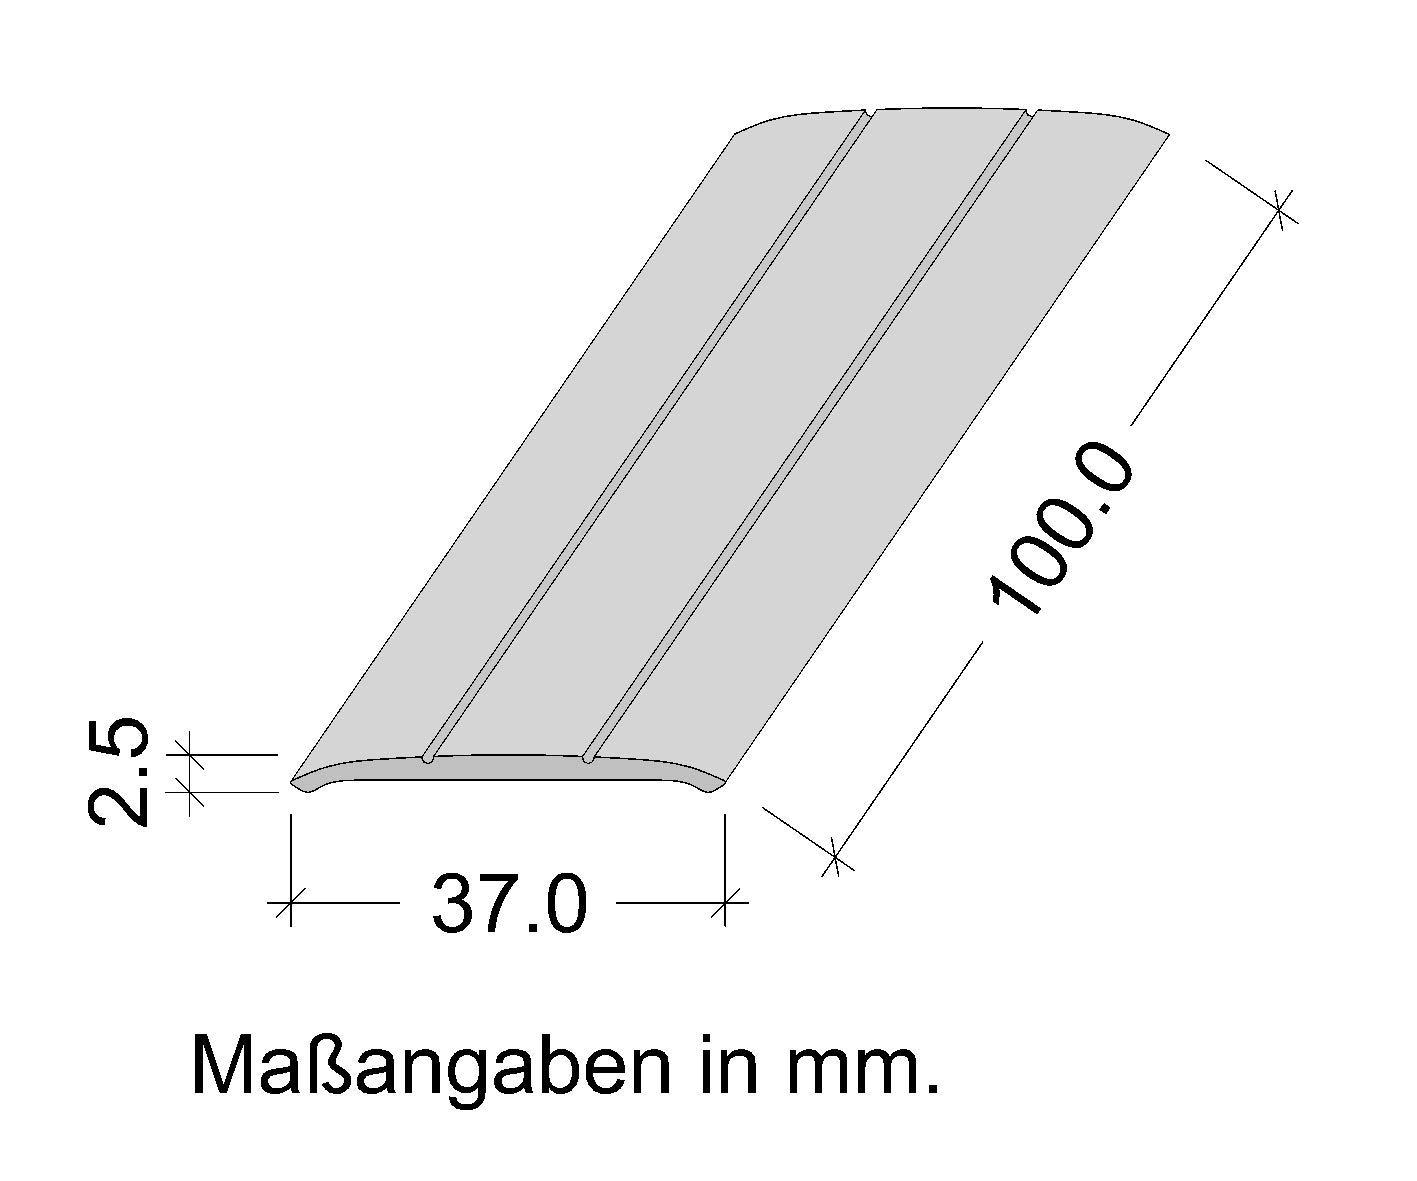 Ausgleichsprofil Bronze eloxiert Boden-Leiste mit Breite 37 mm Gedotec Aluminium /Übergangsprofil selbstklebend /Übergangsschiene Alu flach Abdeckleiste 100 cm 1 St/ück Bodenprofil Schiene